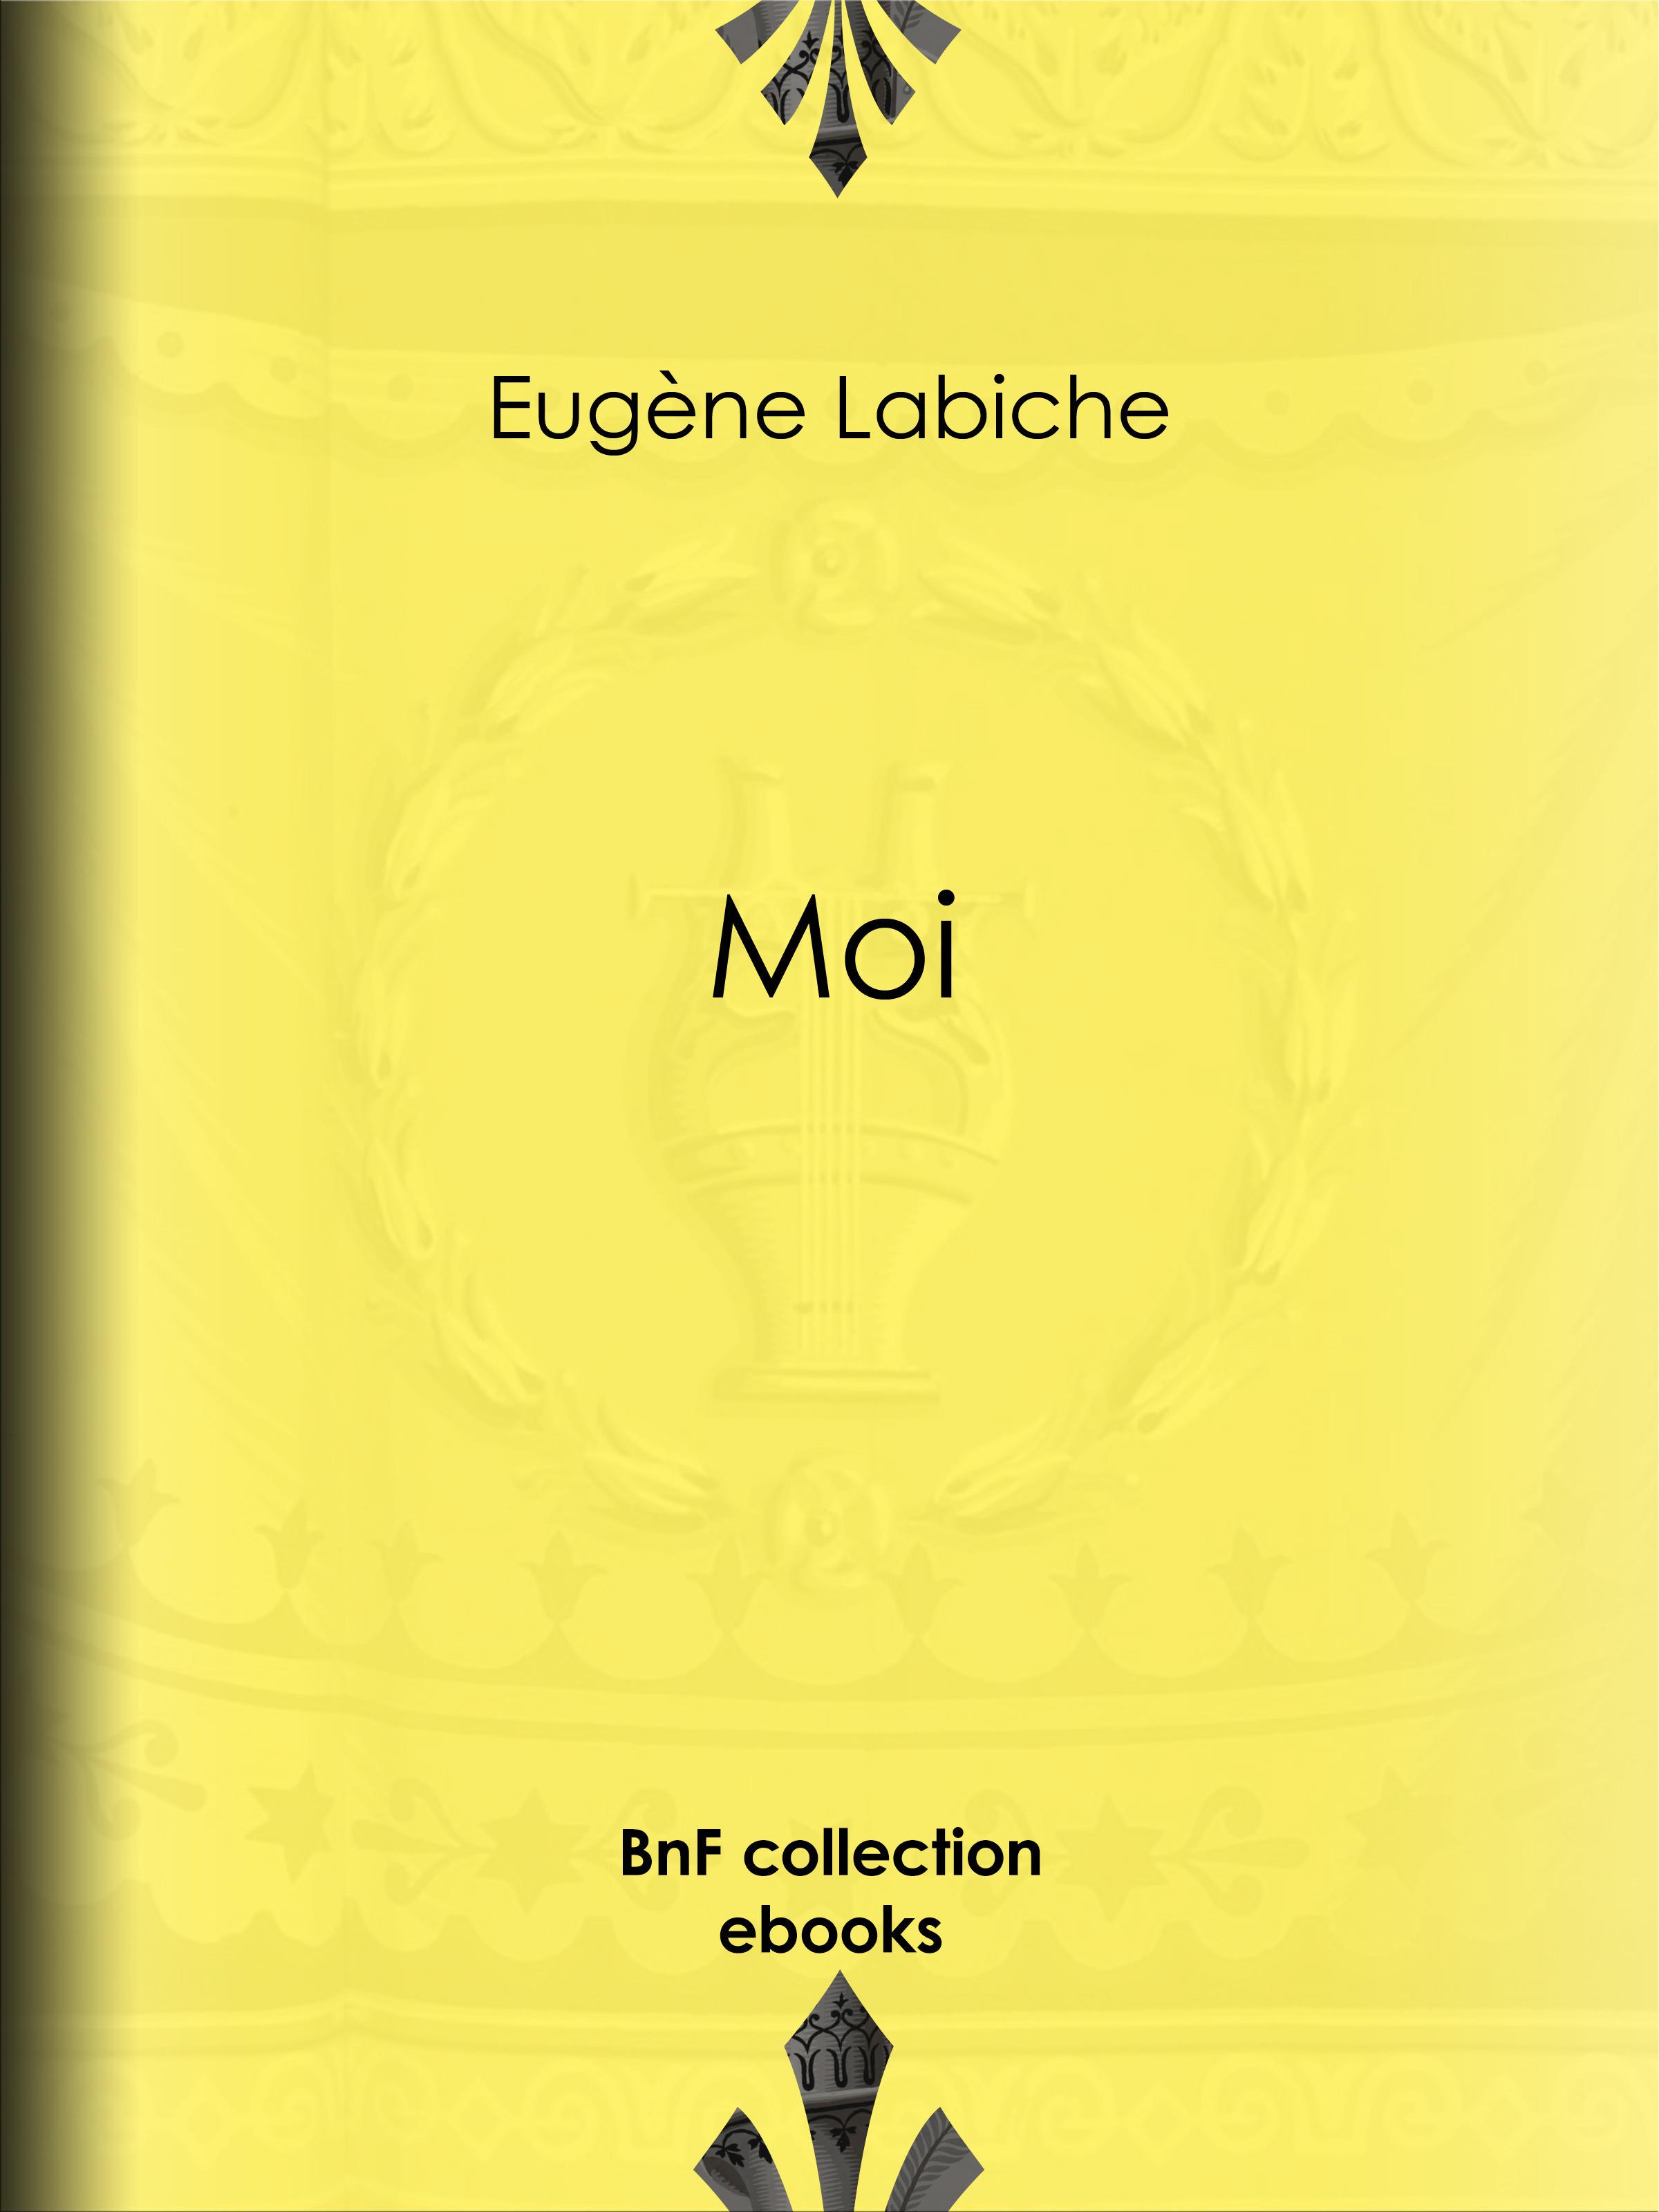 Moi  - Eugène Labiche